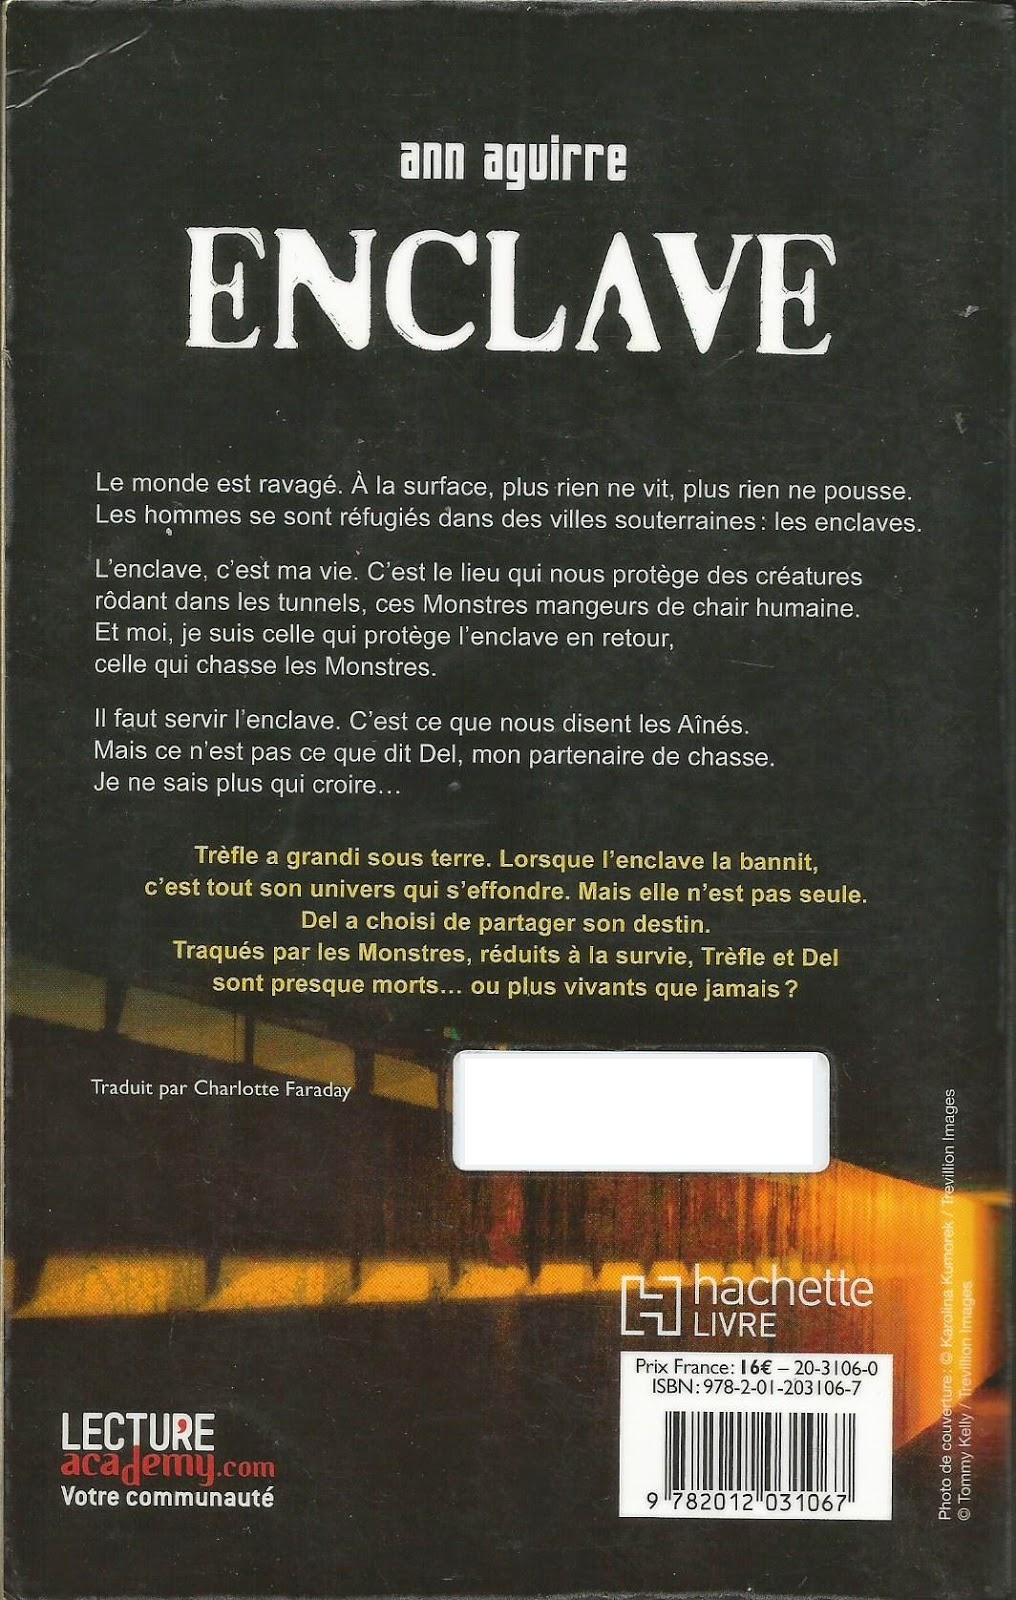 Enclave Ann Aguirre backcover quatrième de couverture 4è de couv